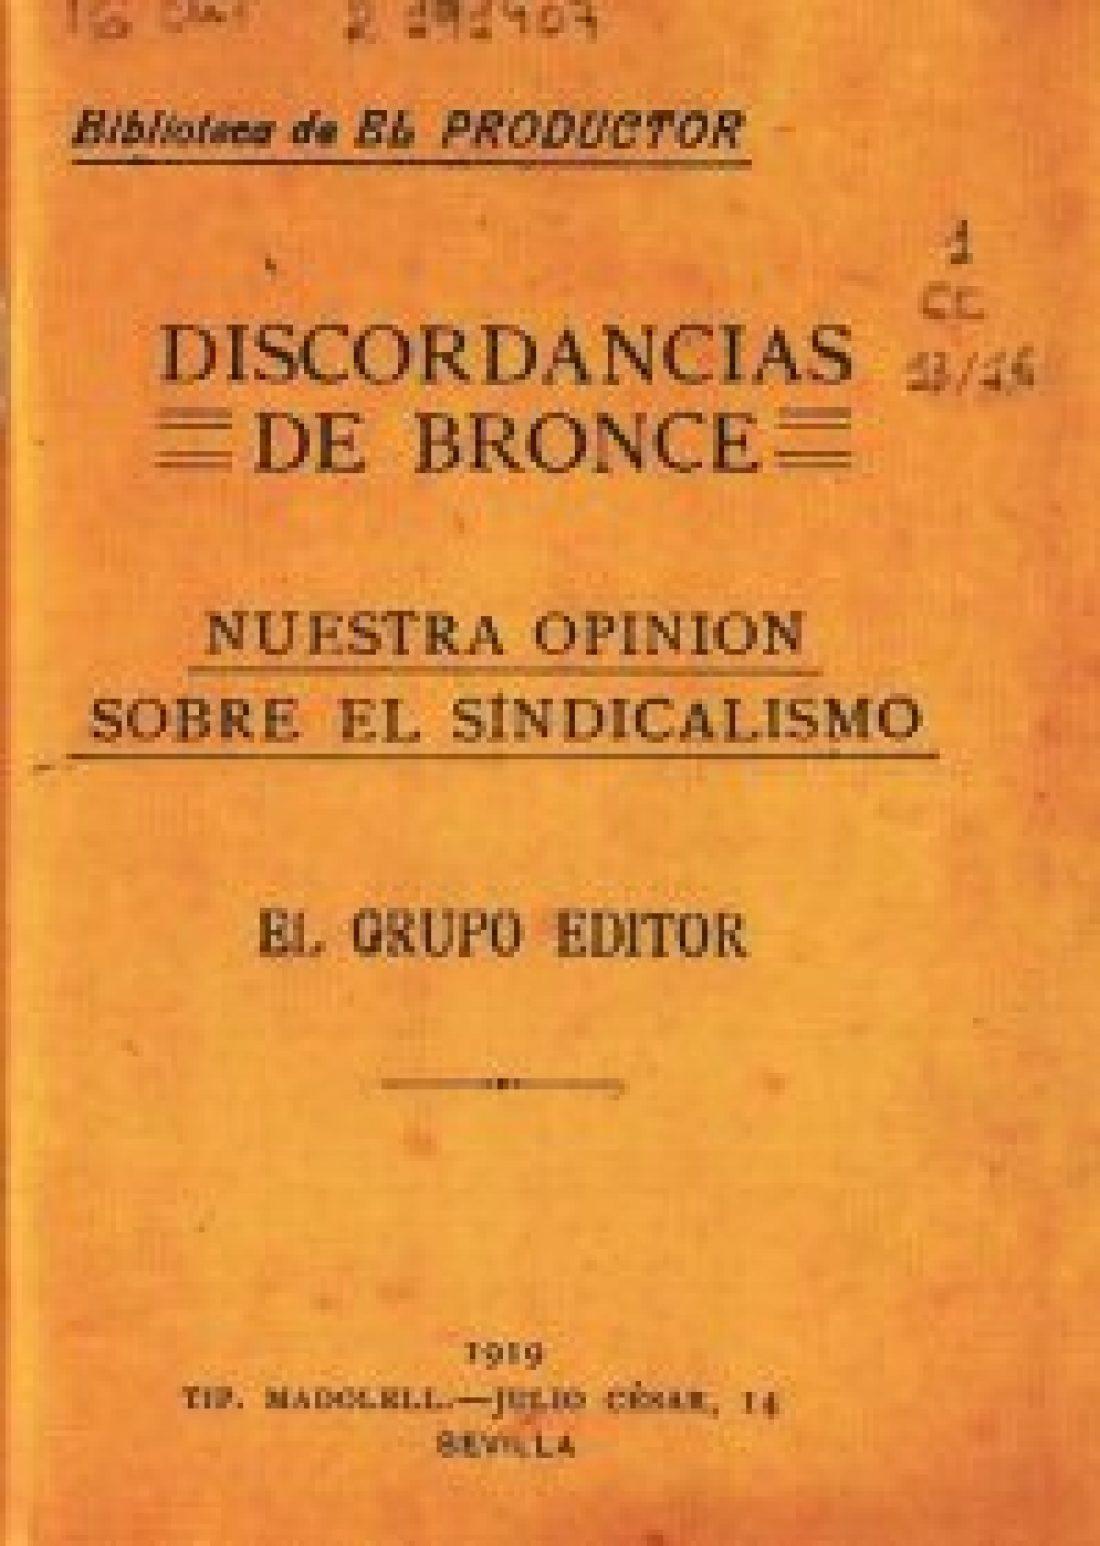 """Se edita """"Discordancias de Bronce"""" de José Sánchez Rosa, coincidiendo con el 150ª aniversario de su nacimiento"""